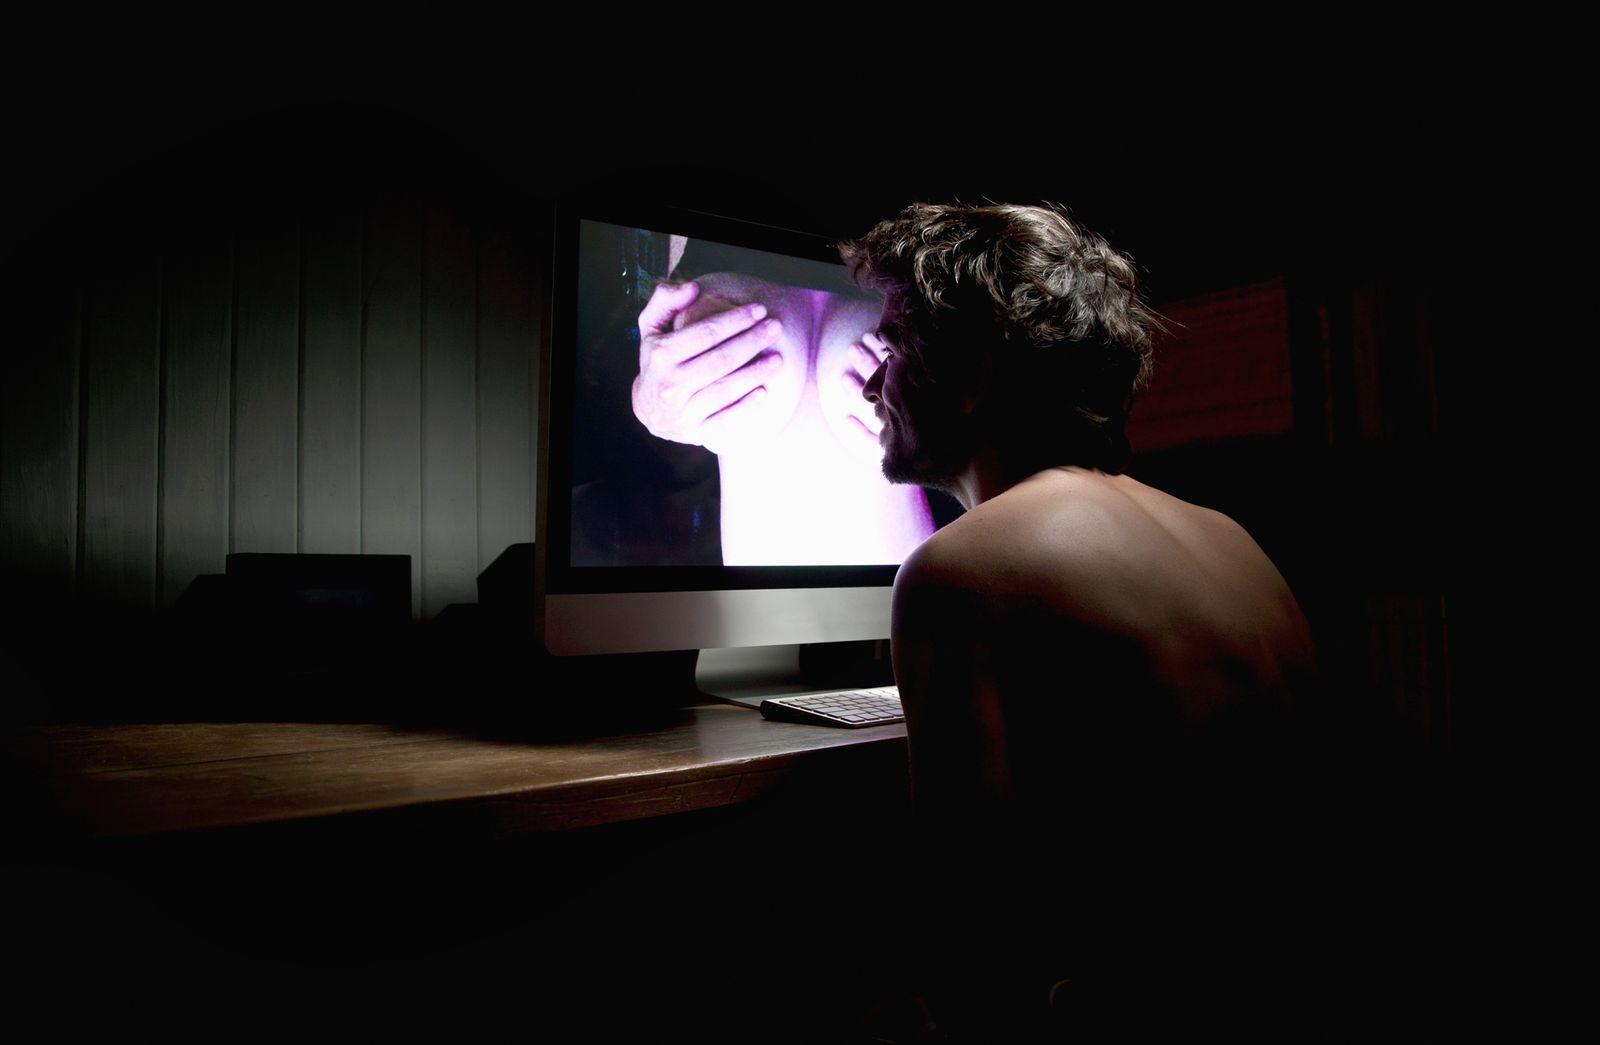 NICHT MEHR VERWENDEN! - Internet/ Porno/ Computer/ Sex